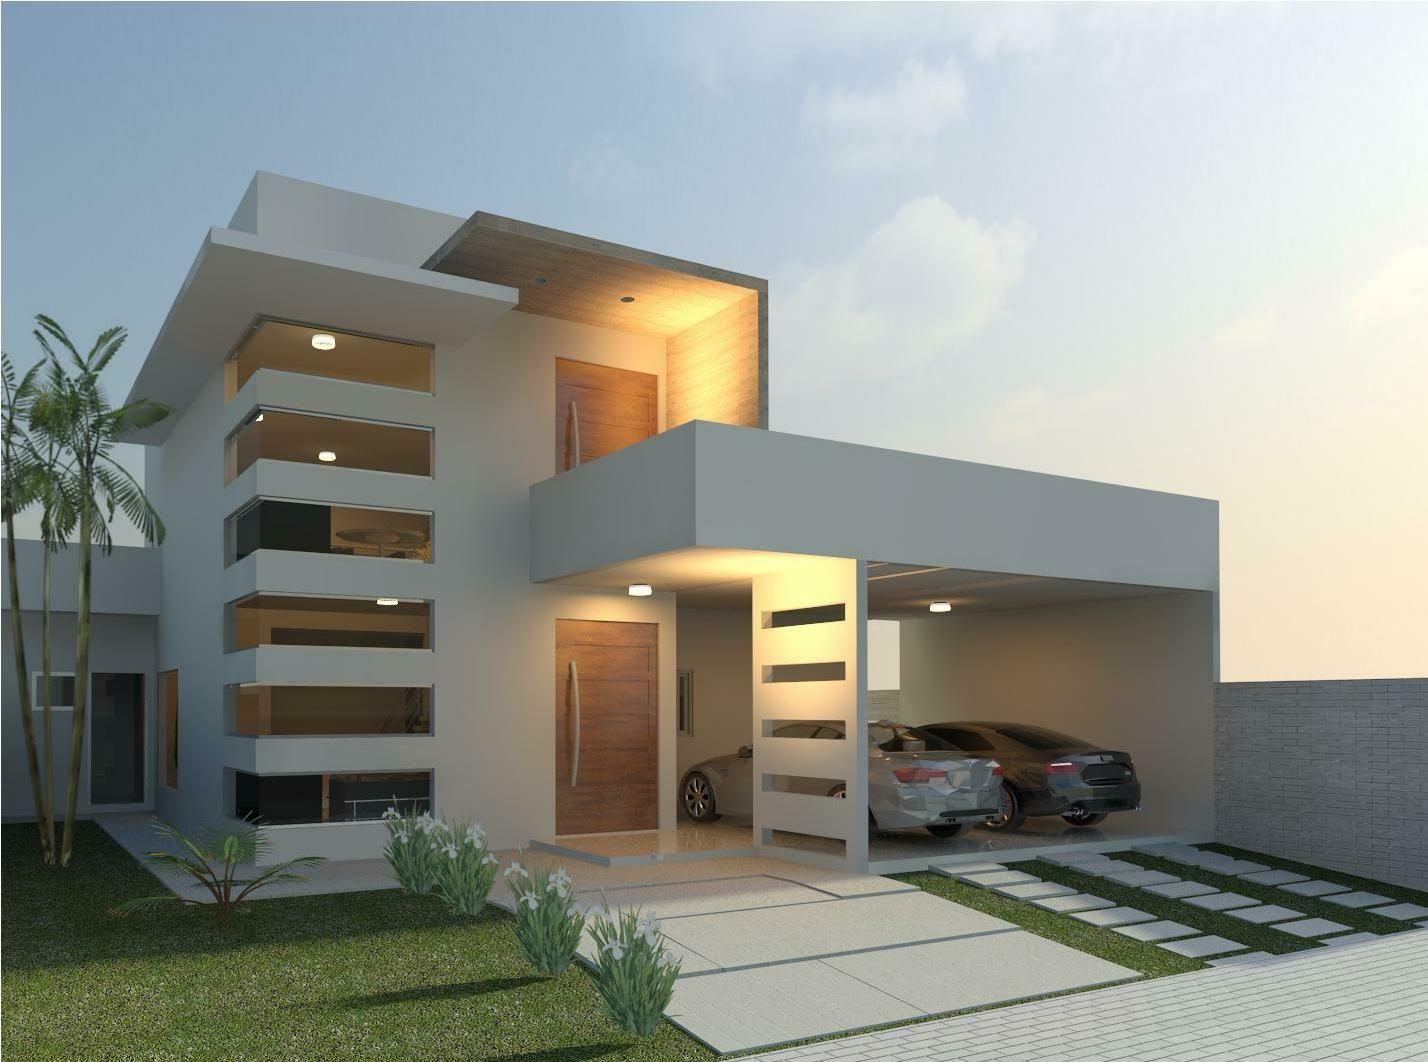 27 Modelos de Frentes de casas simples e modernas | Architecture ...